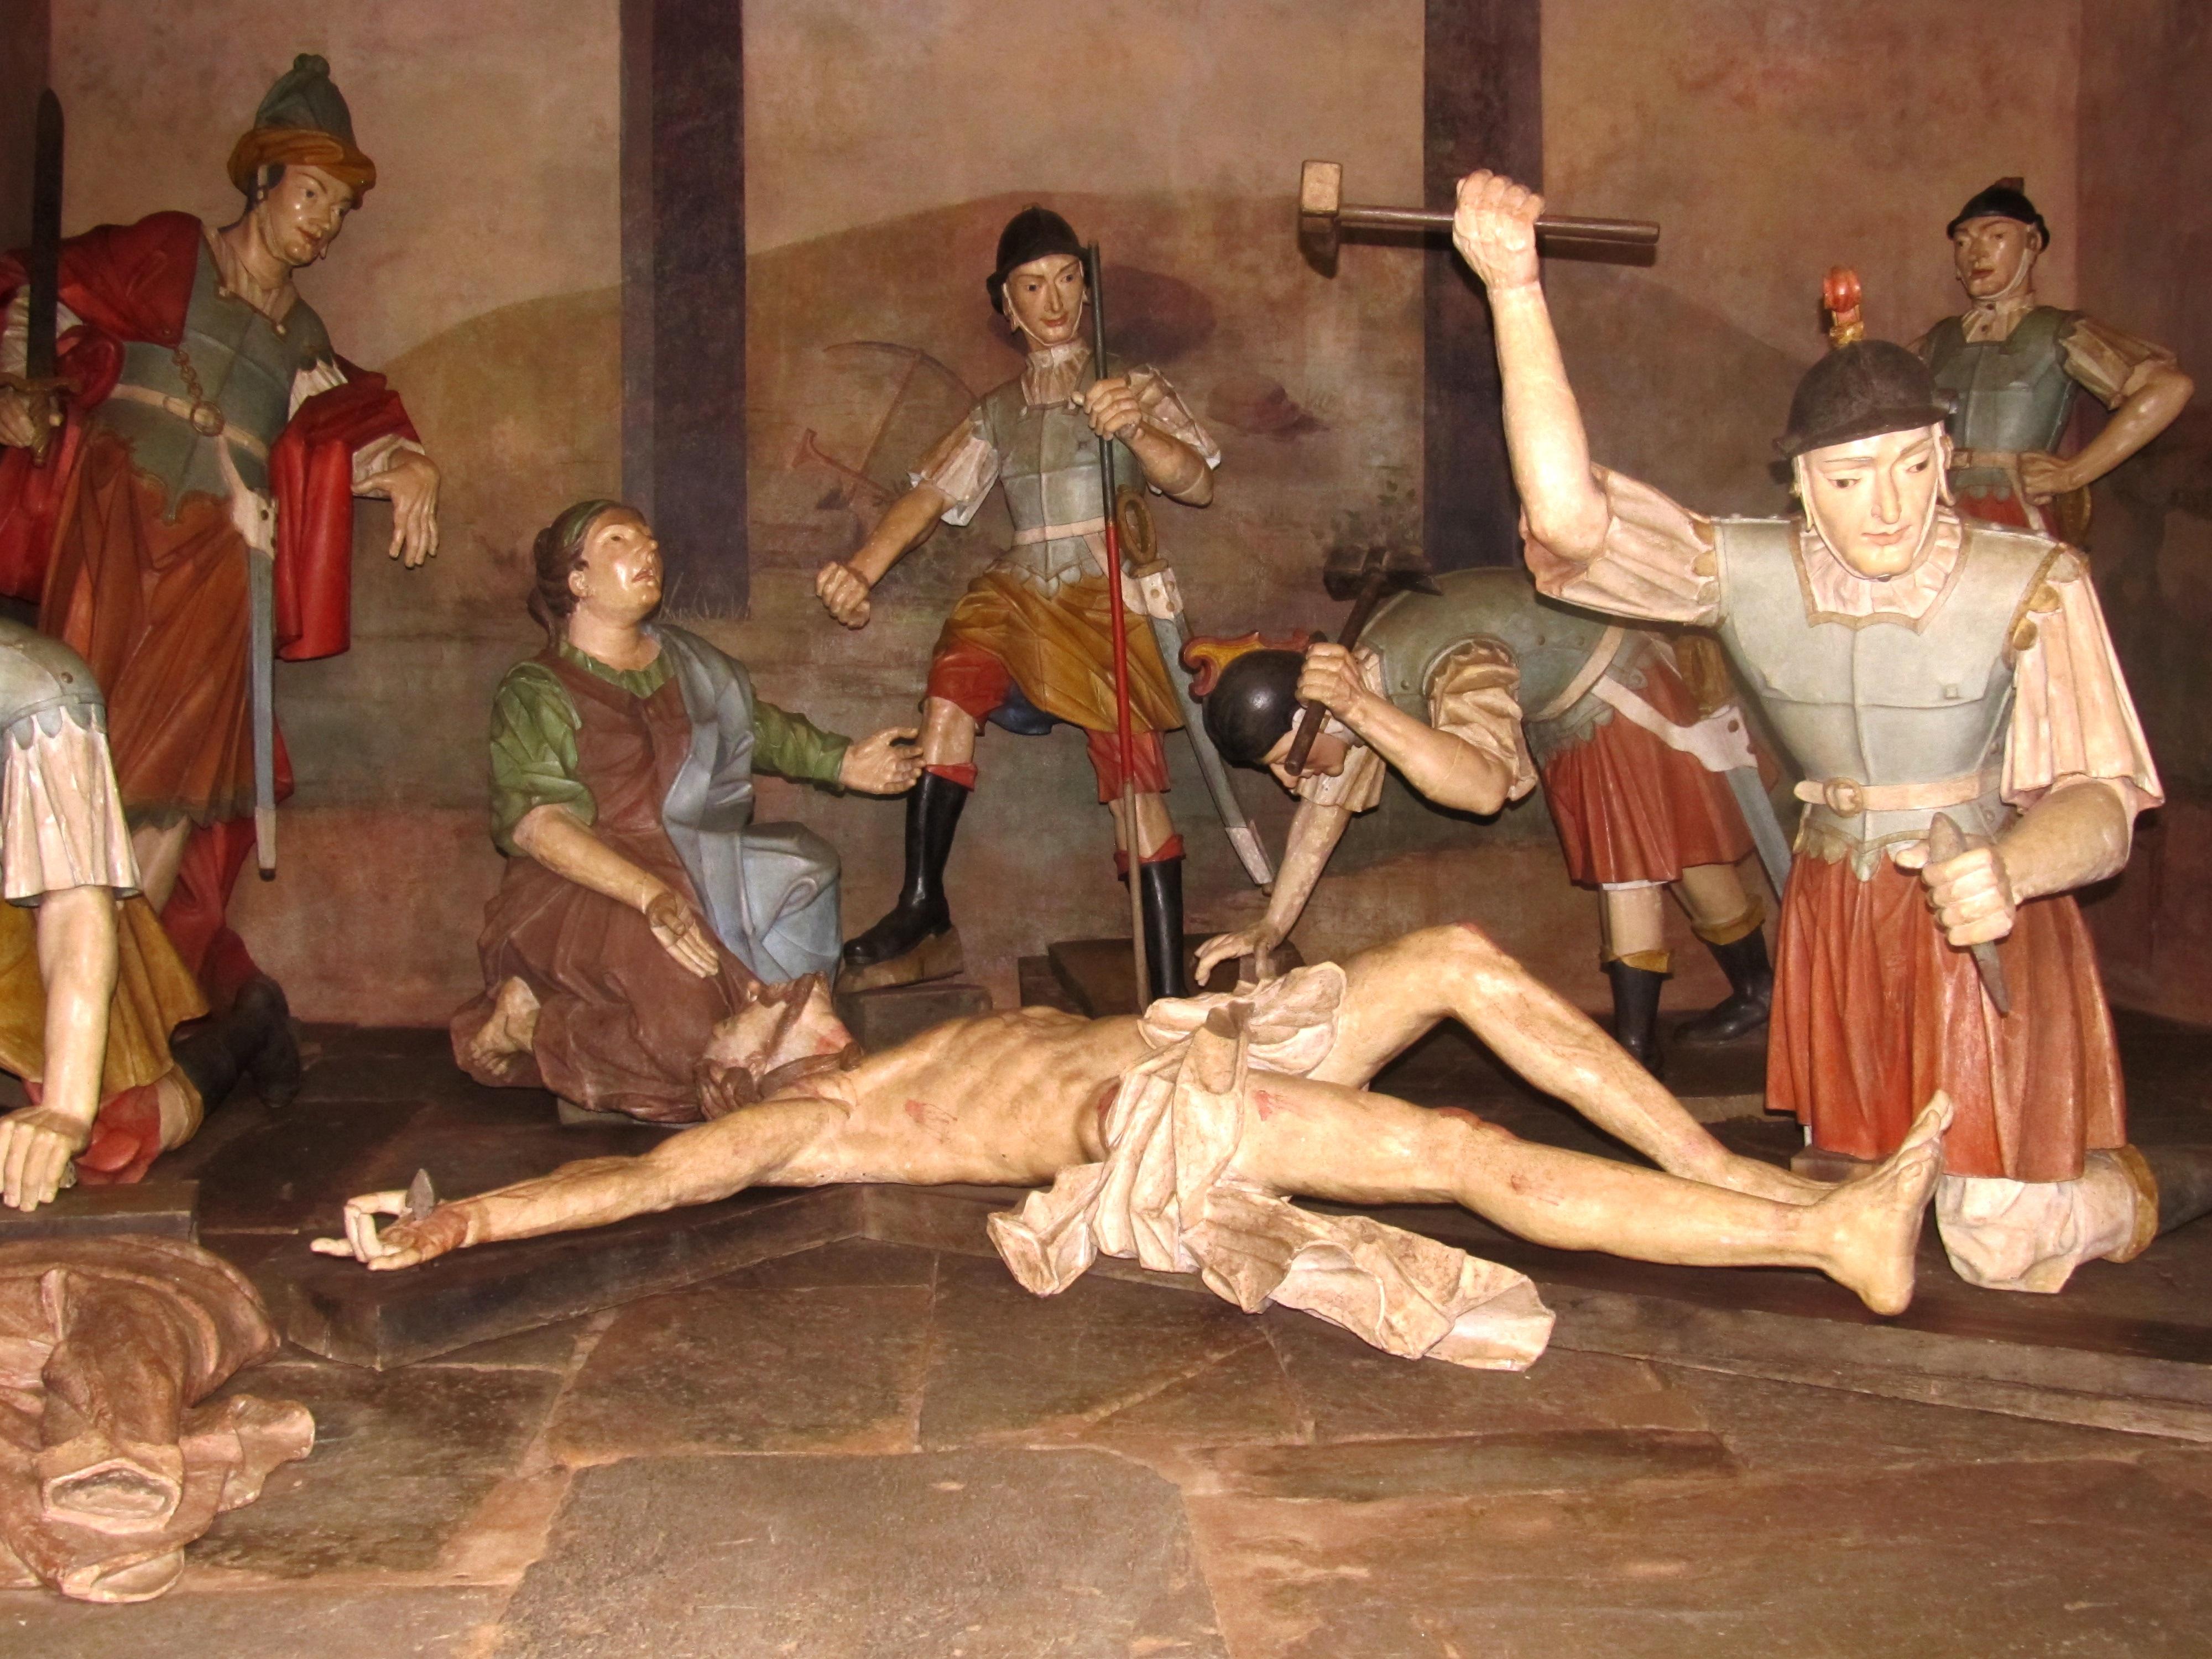 Excepcional Banco de imagens : pessoas, religião, pintura, Decoração de Natal  QC46